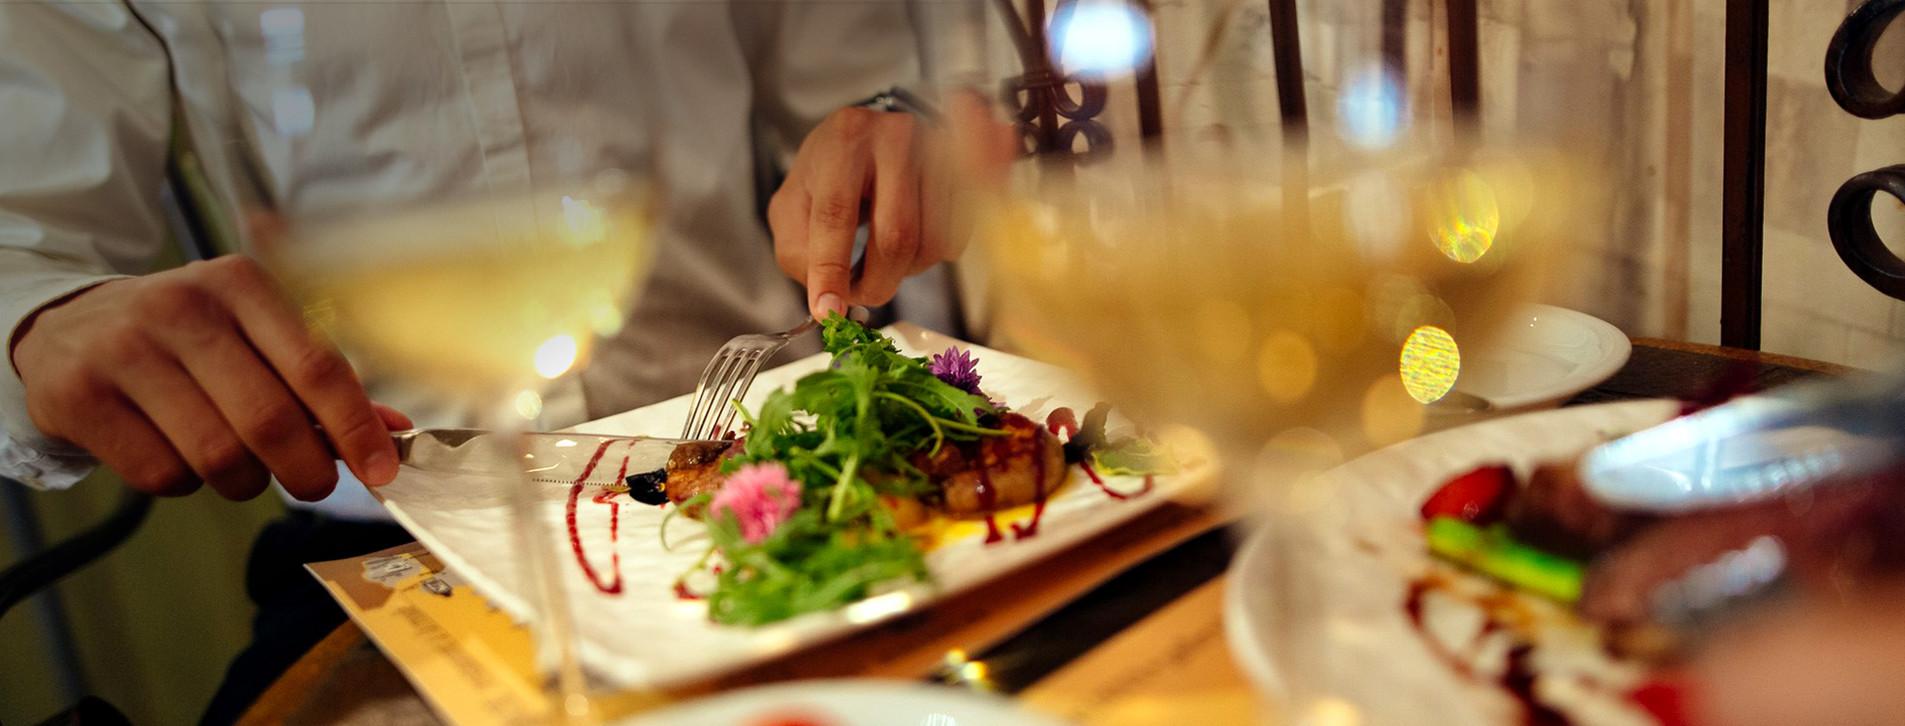 Фото - Вечеря у французькому ресторані